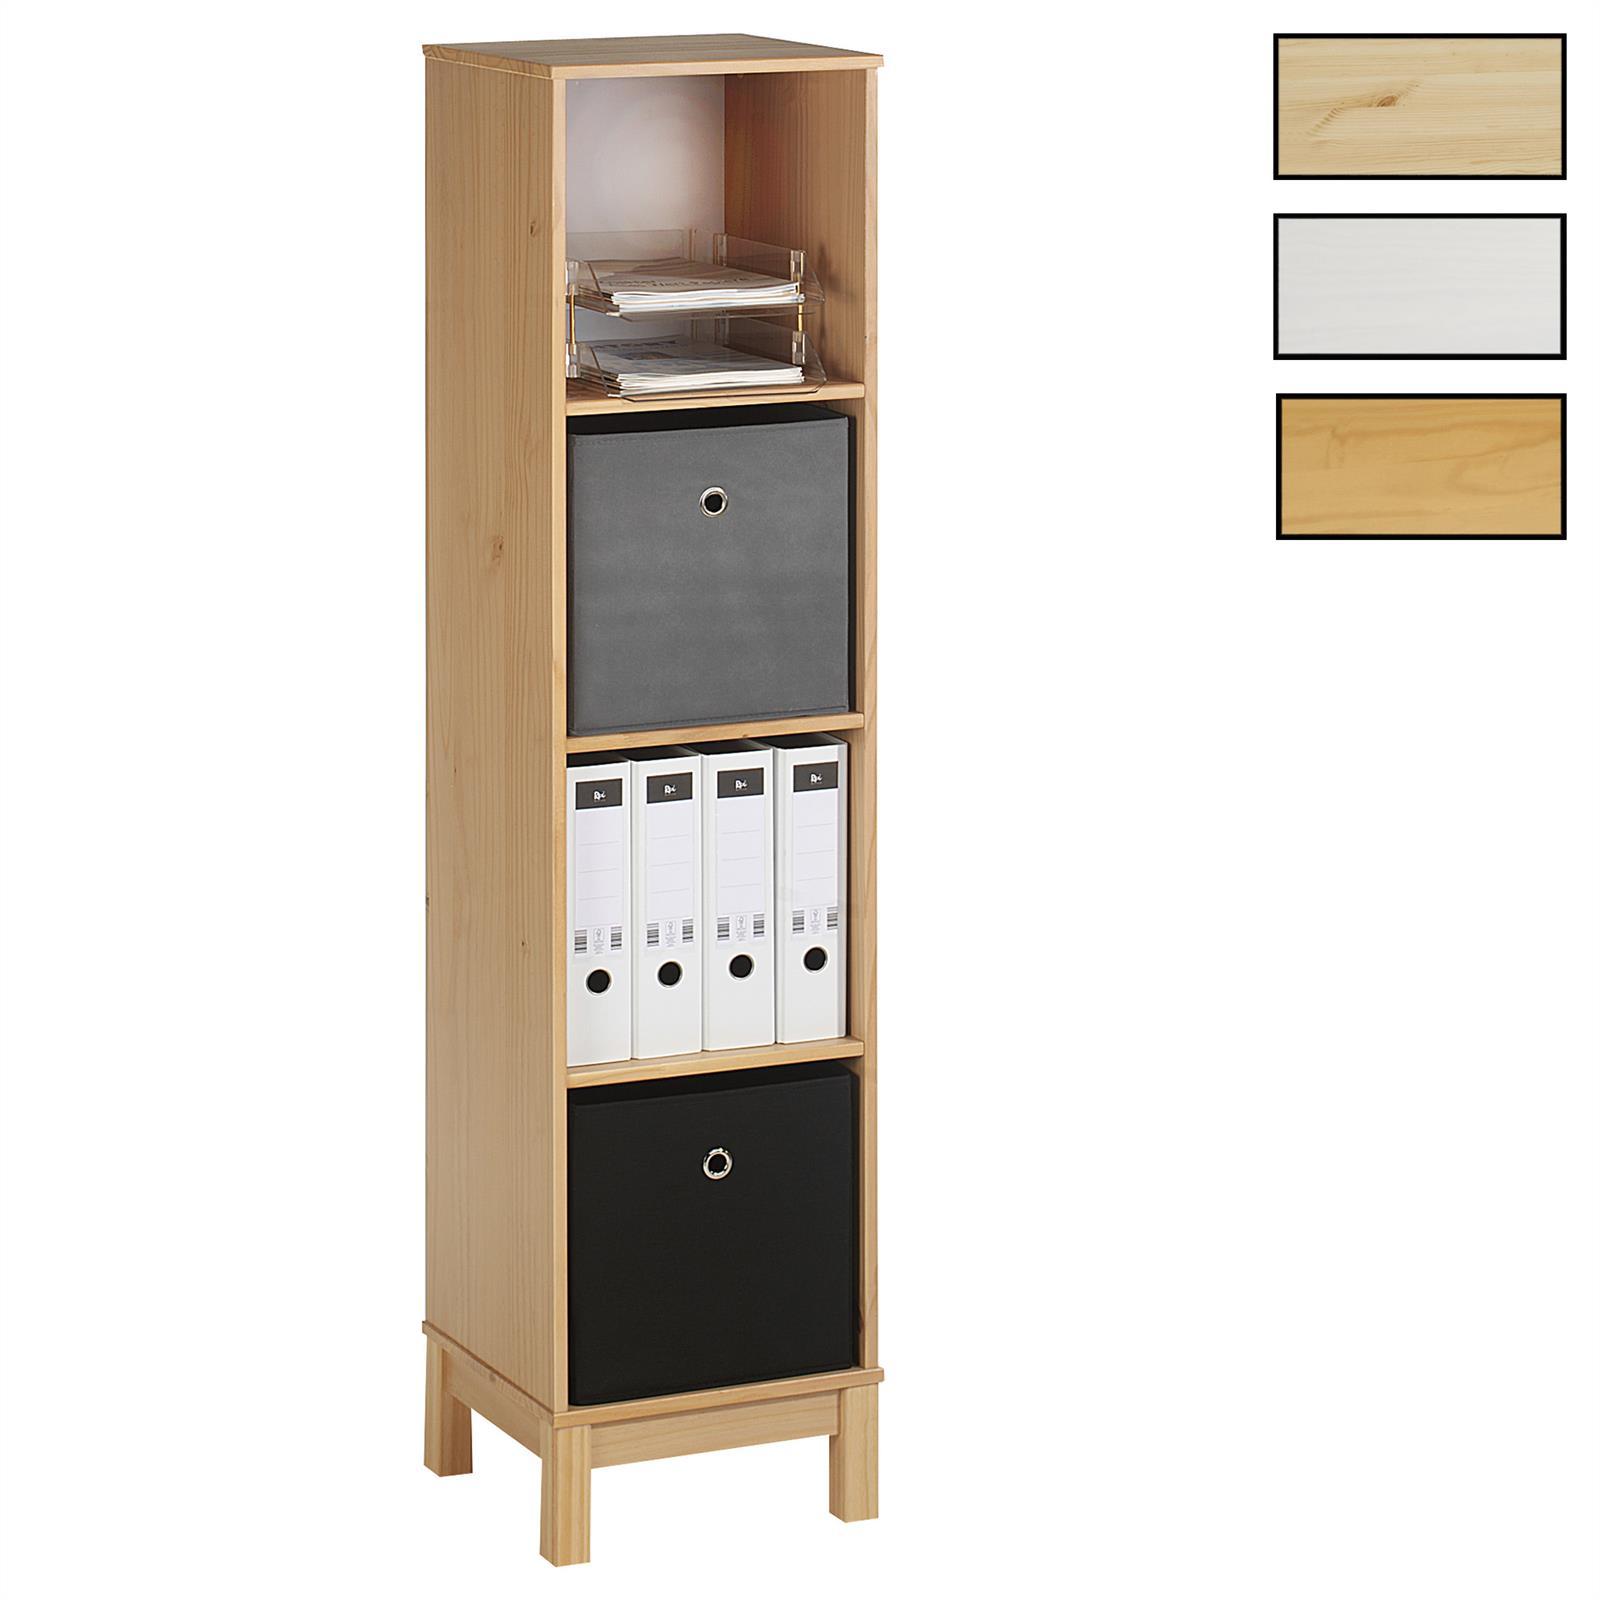 etag re 4 casiers en pin logo 3 coloris disponibles mobil meubles. Black Bedroom Furniture Sets. Home Design Ideas